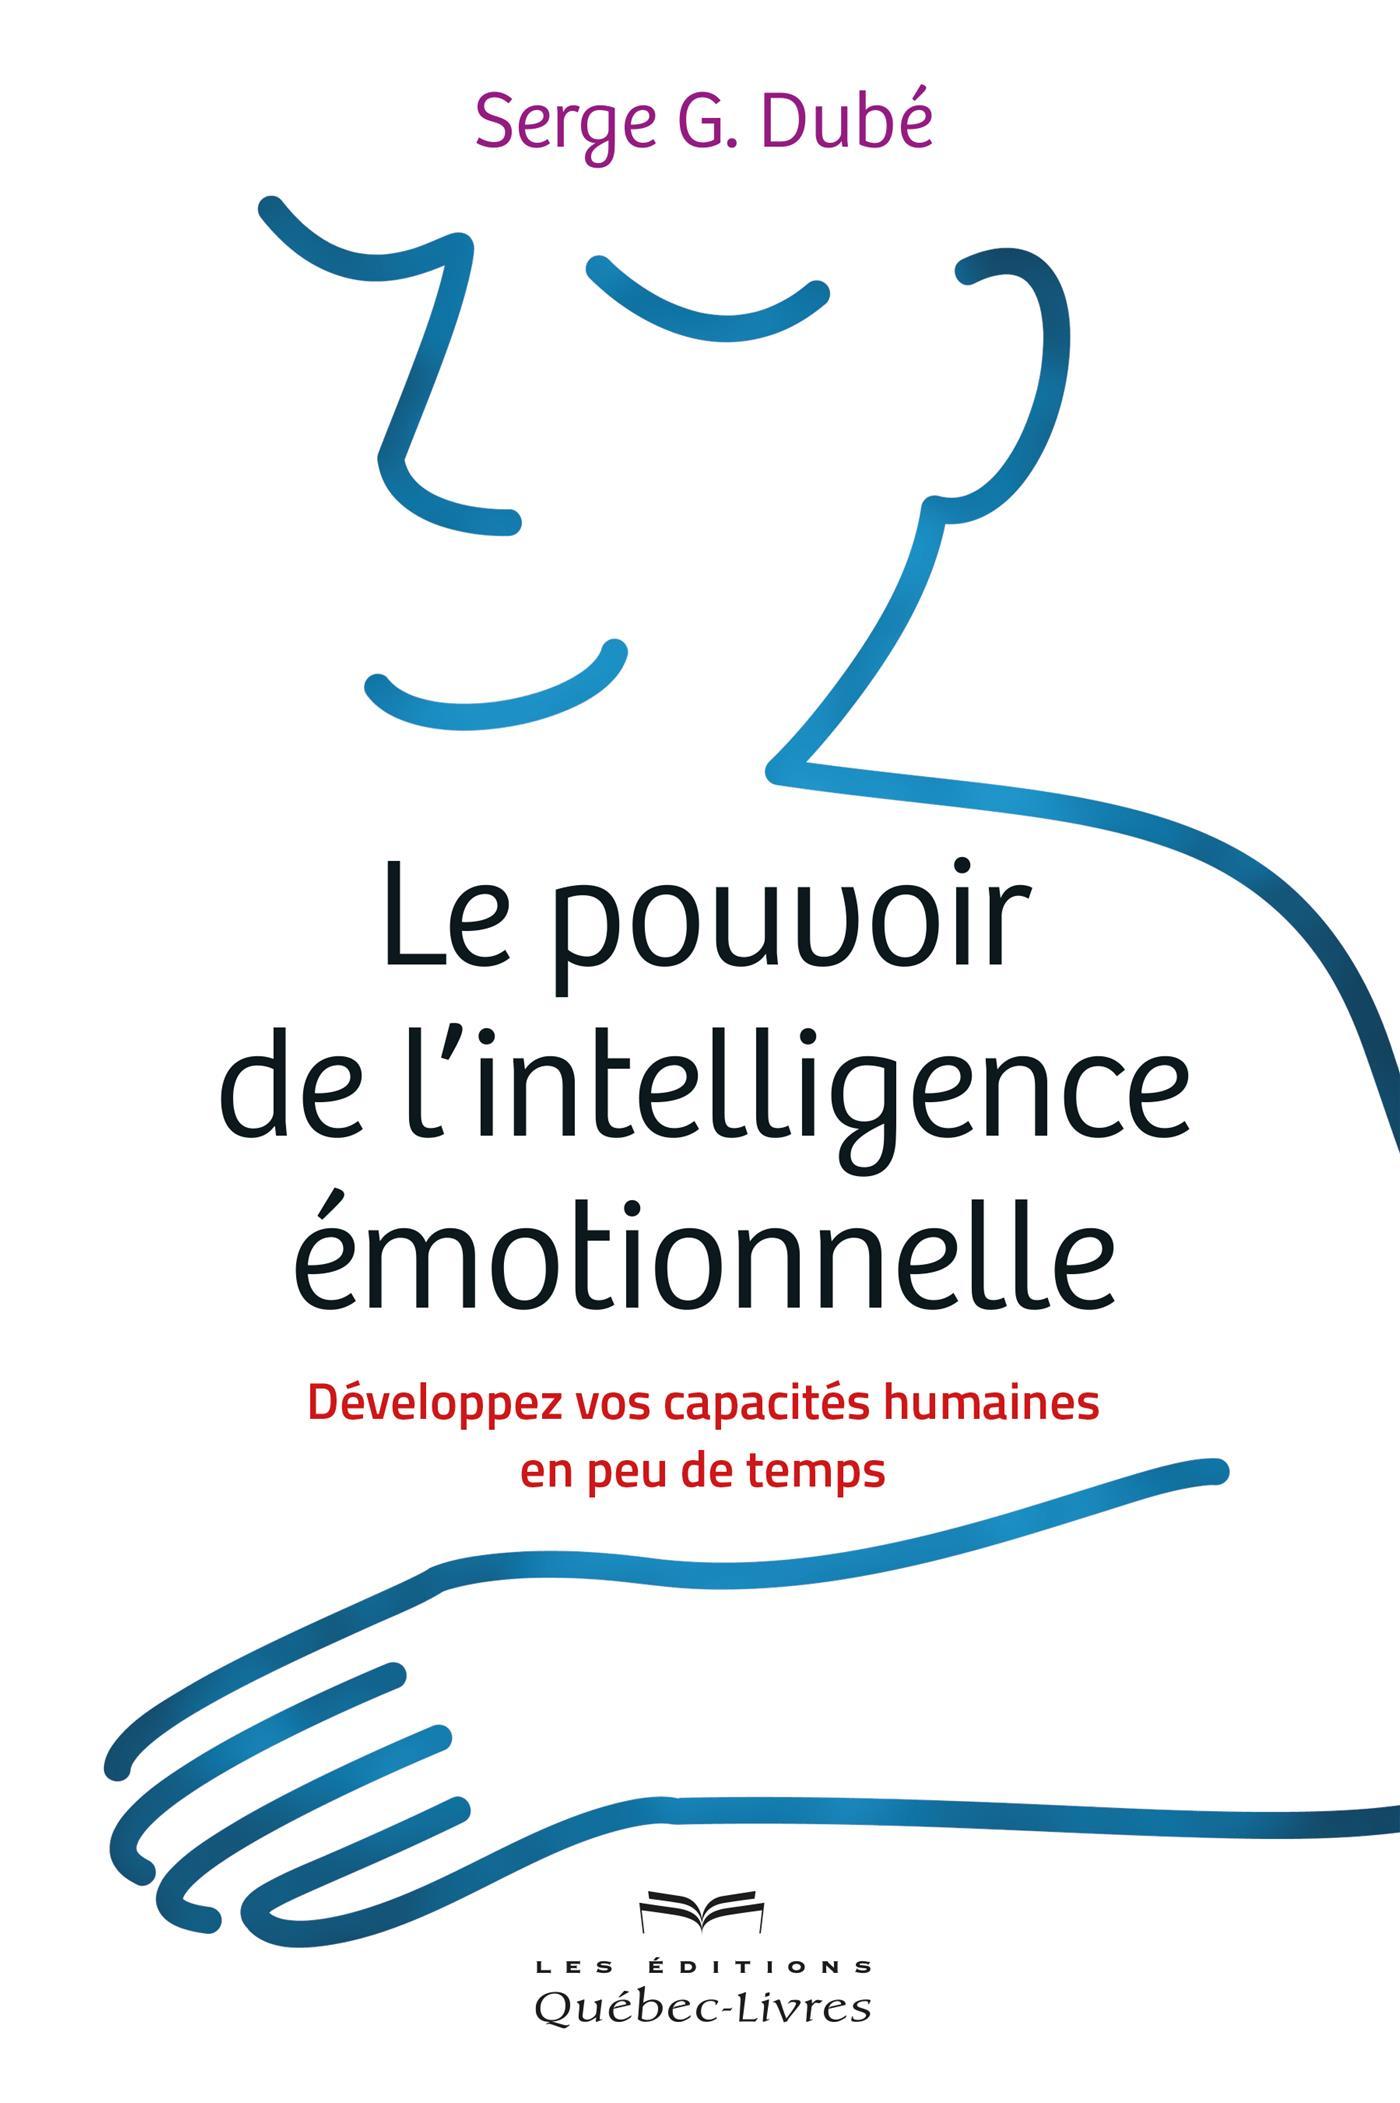 Le pouvoir de l'intelligence émotionnelle